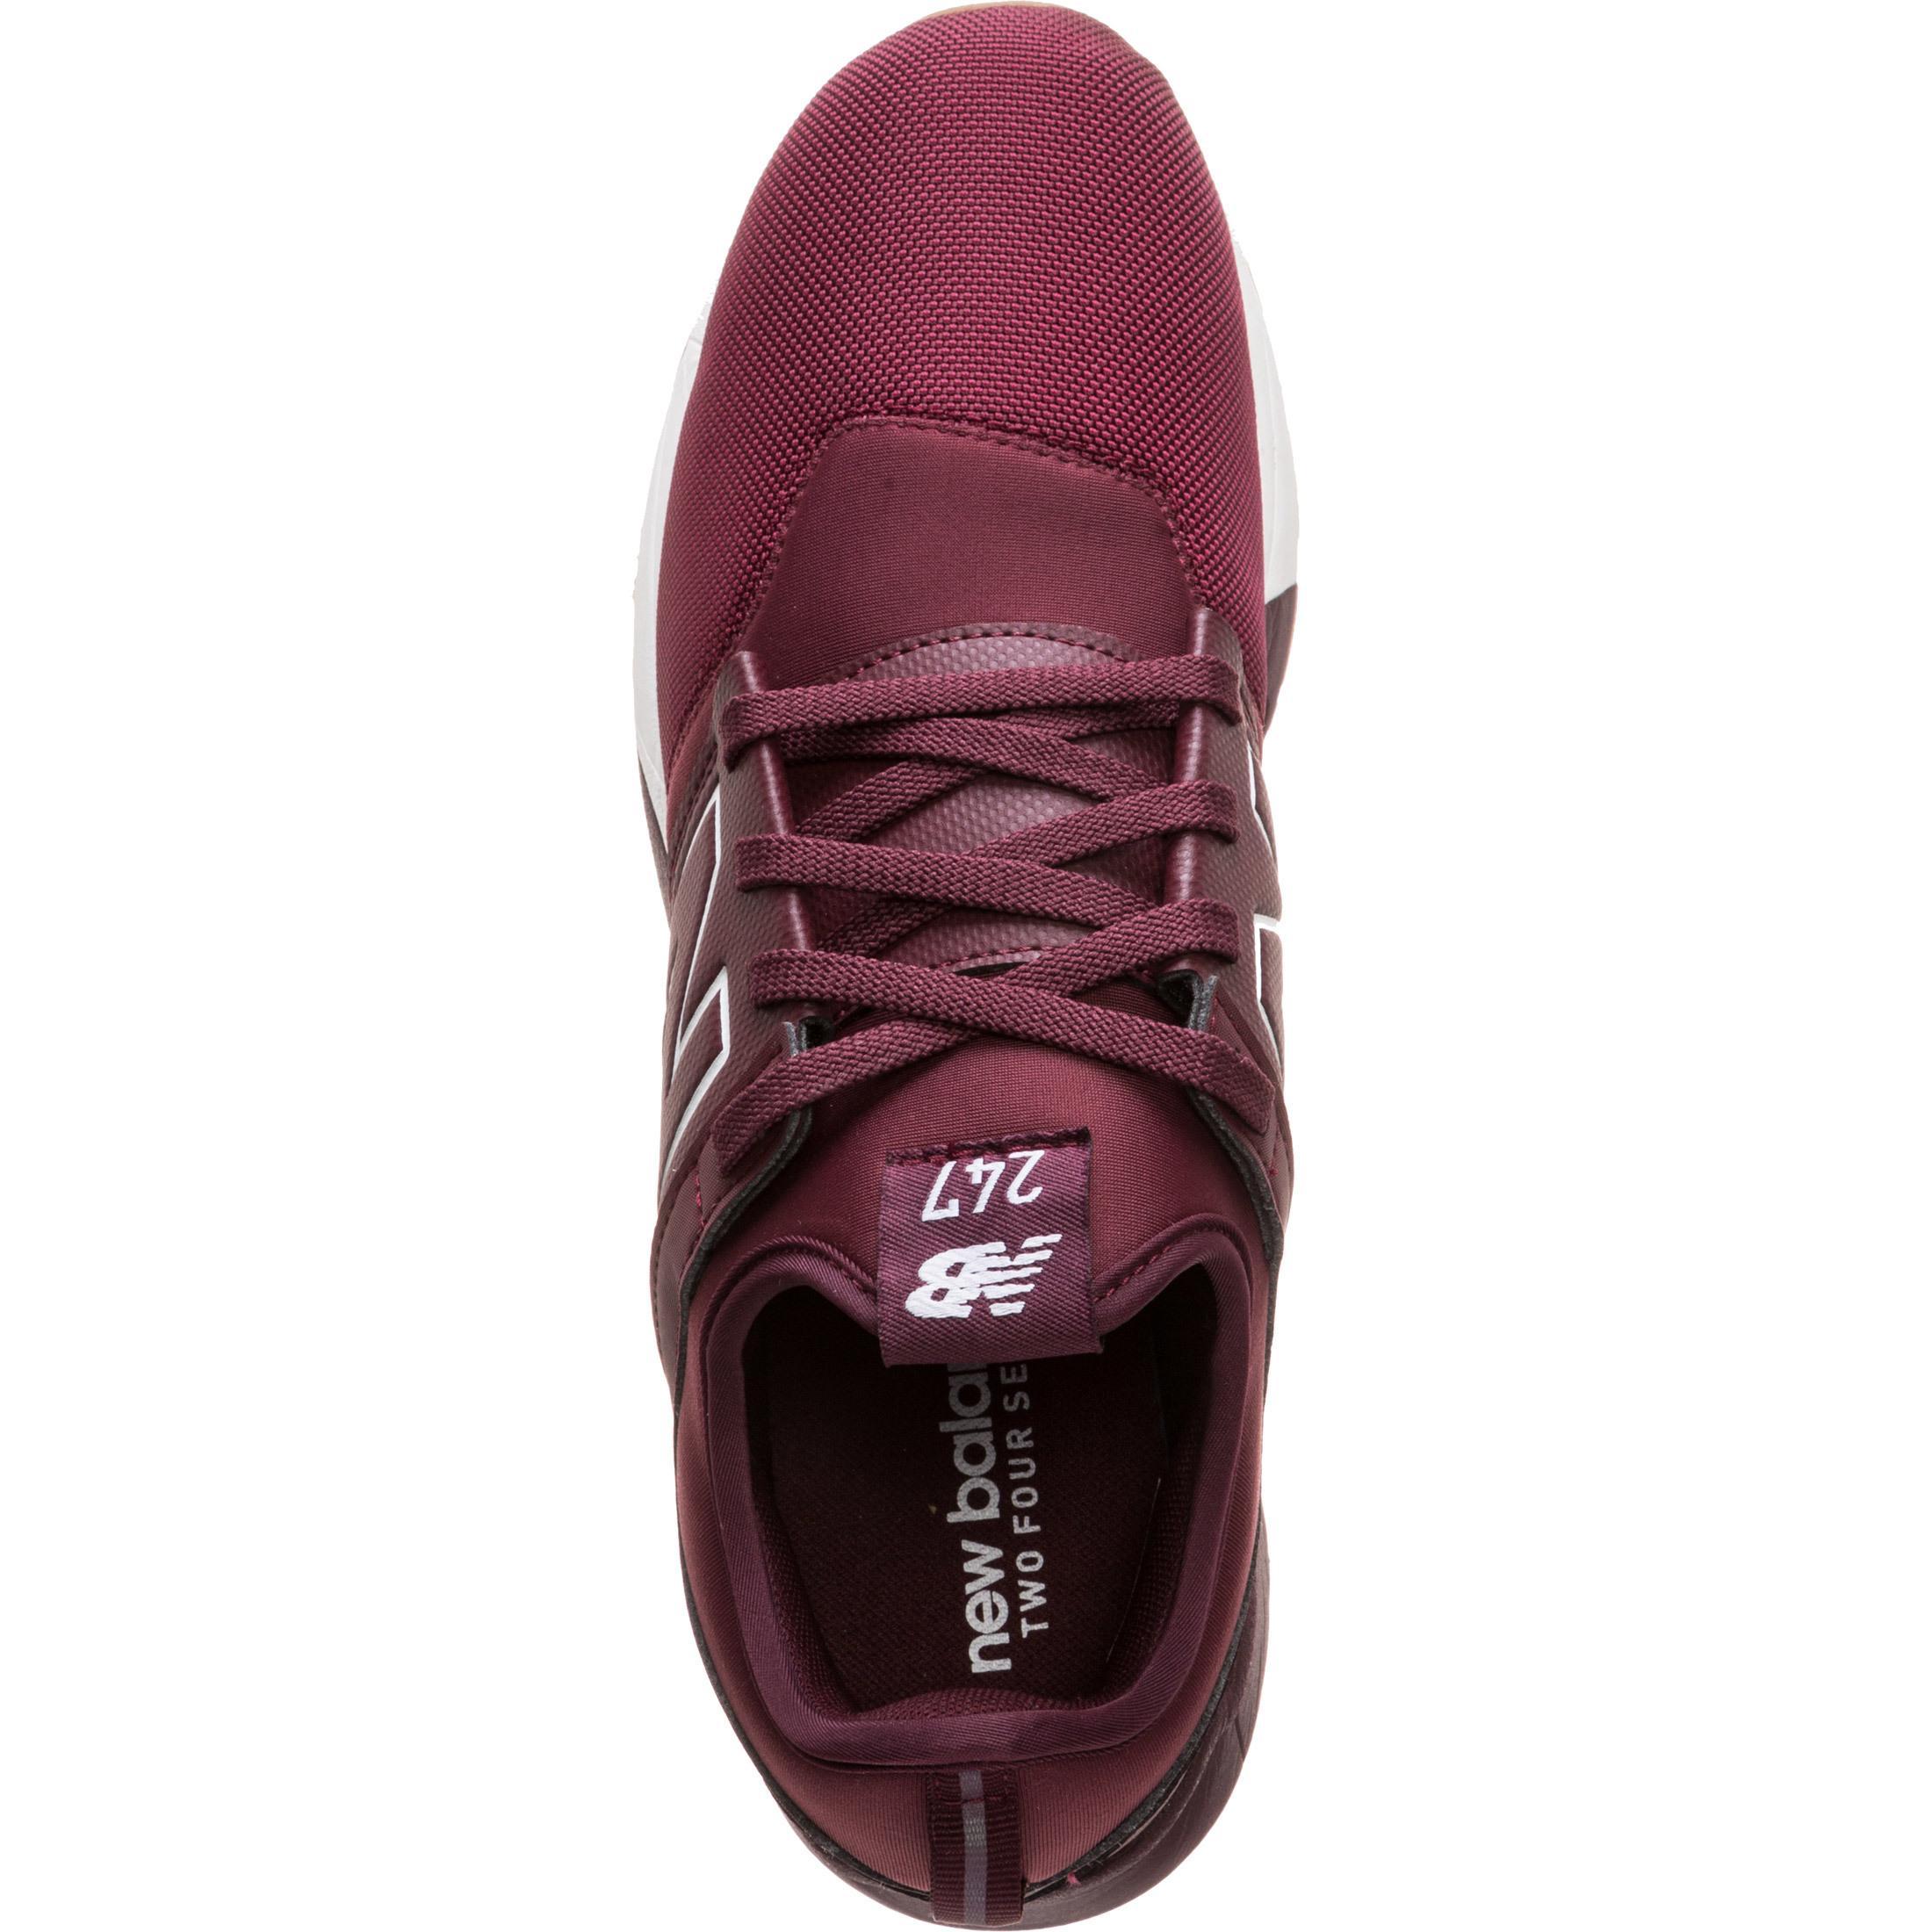 NEW BALANCE MRL247-HJ-D Sneaker Sneaker Sneaker Herren burgund im Online Shop von SportScheck kaufen Gute Qualität beliebte Schuhe 563012